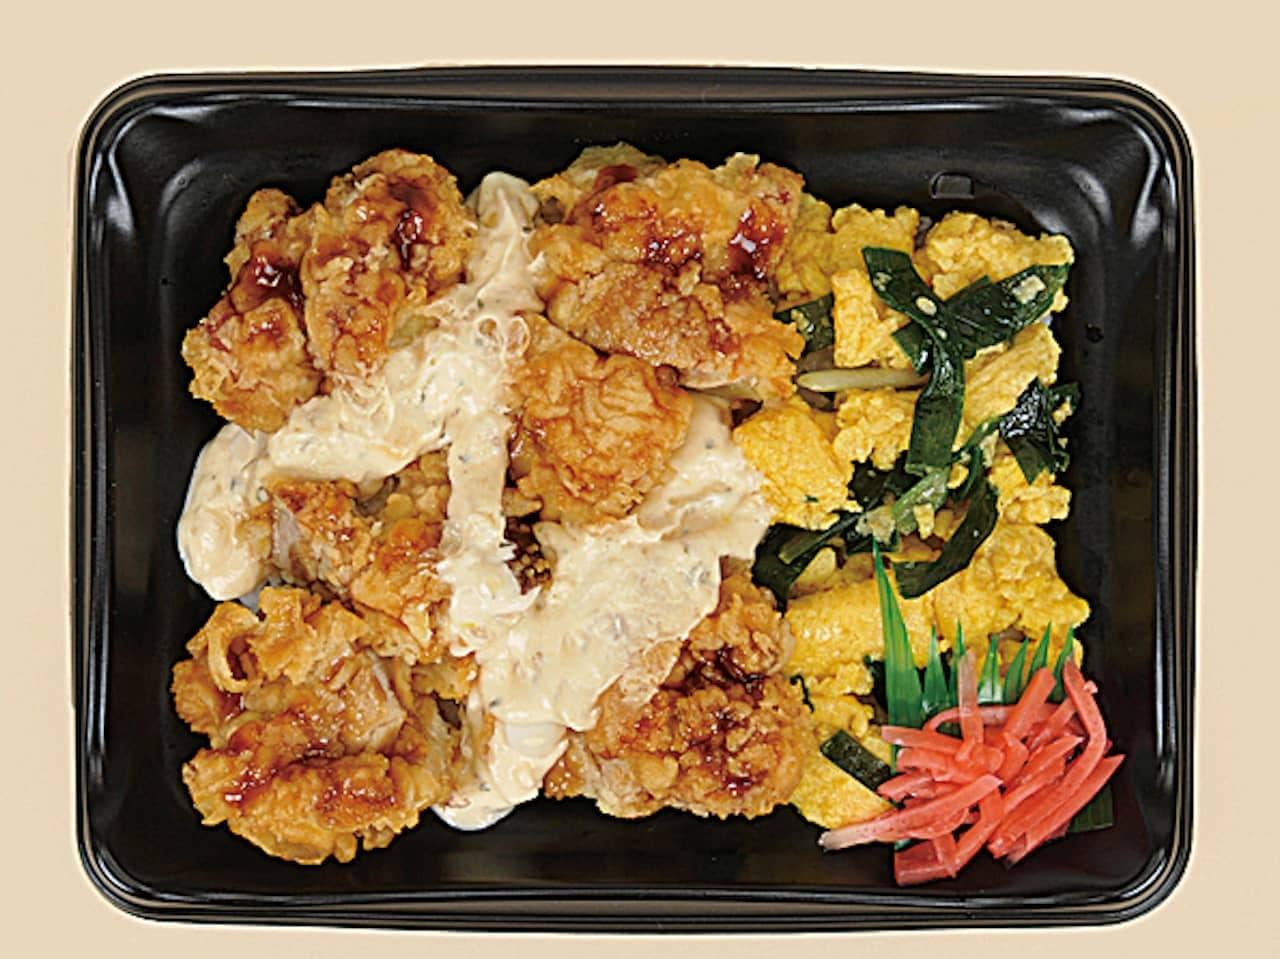 ファミマトクトク弁当「タルタル鶏天丼」